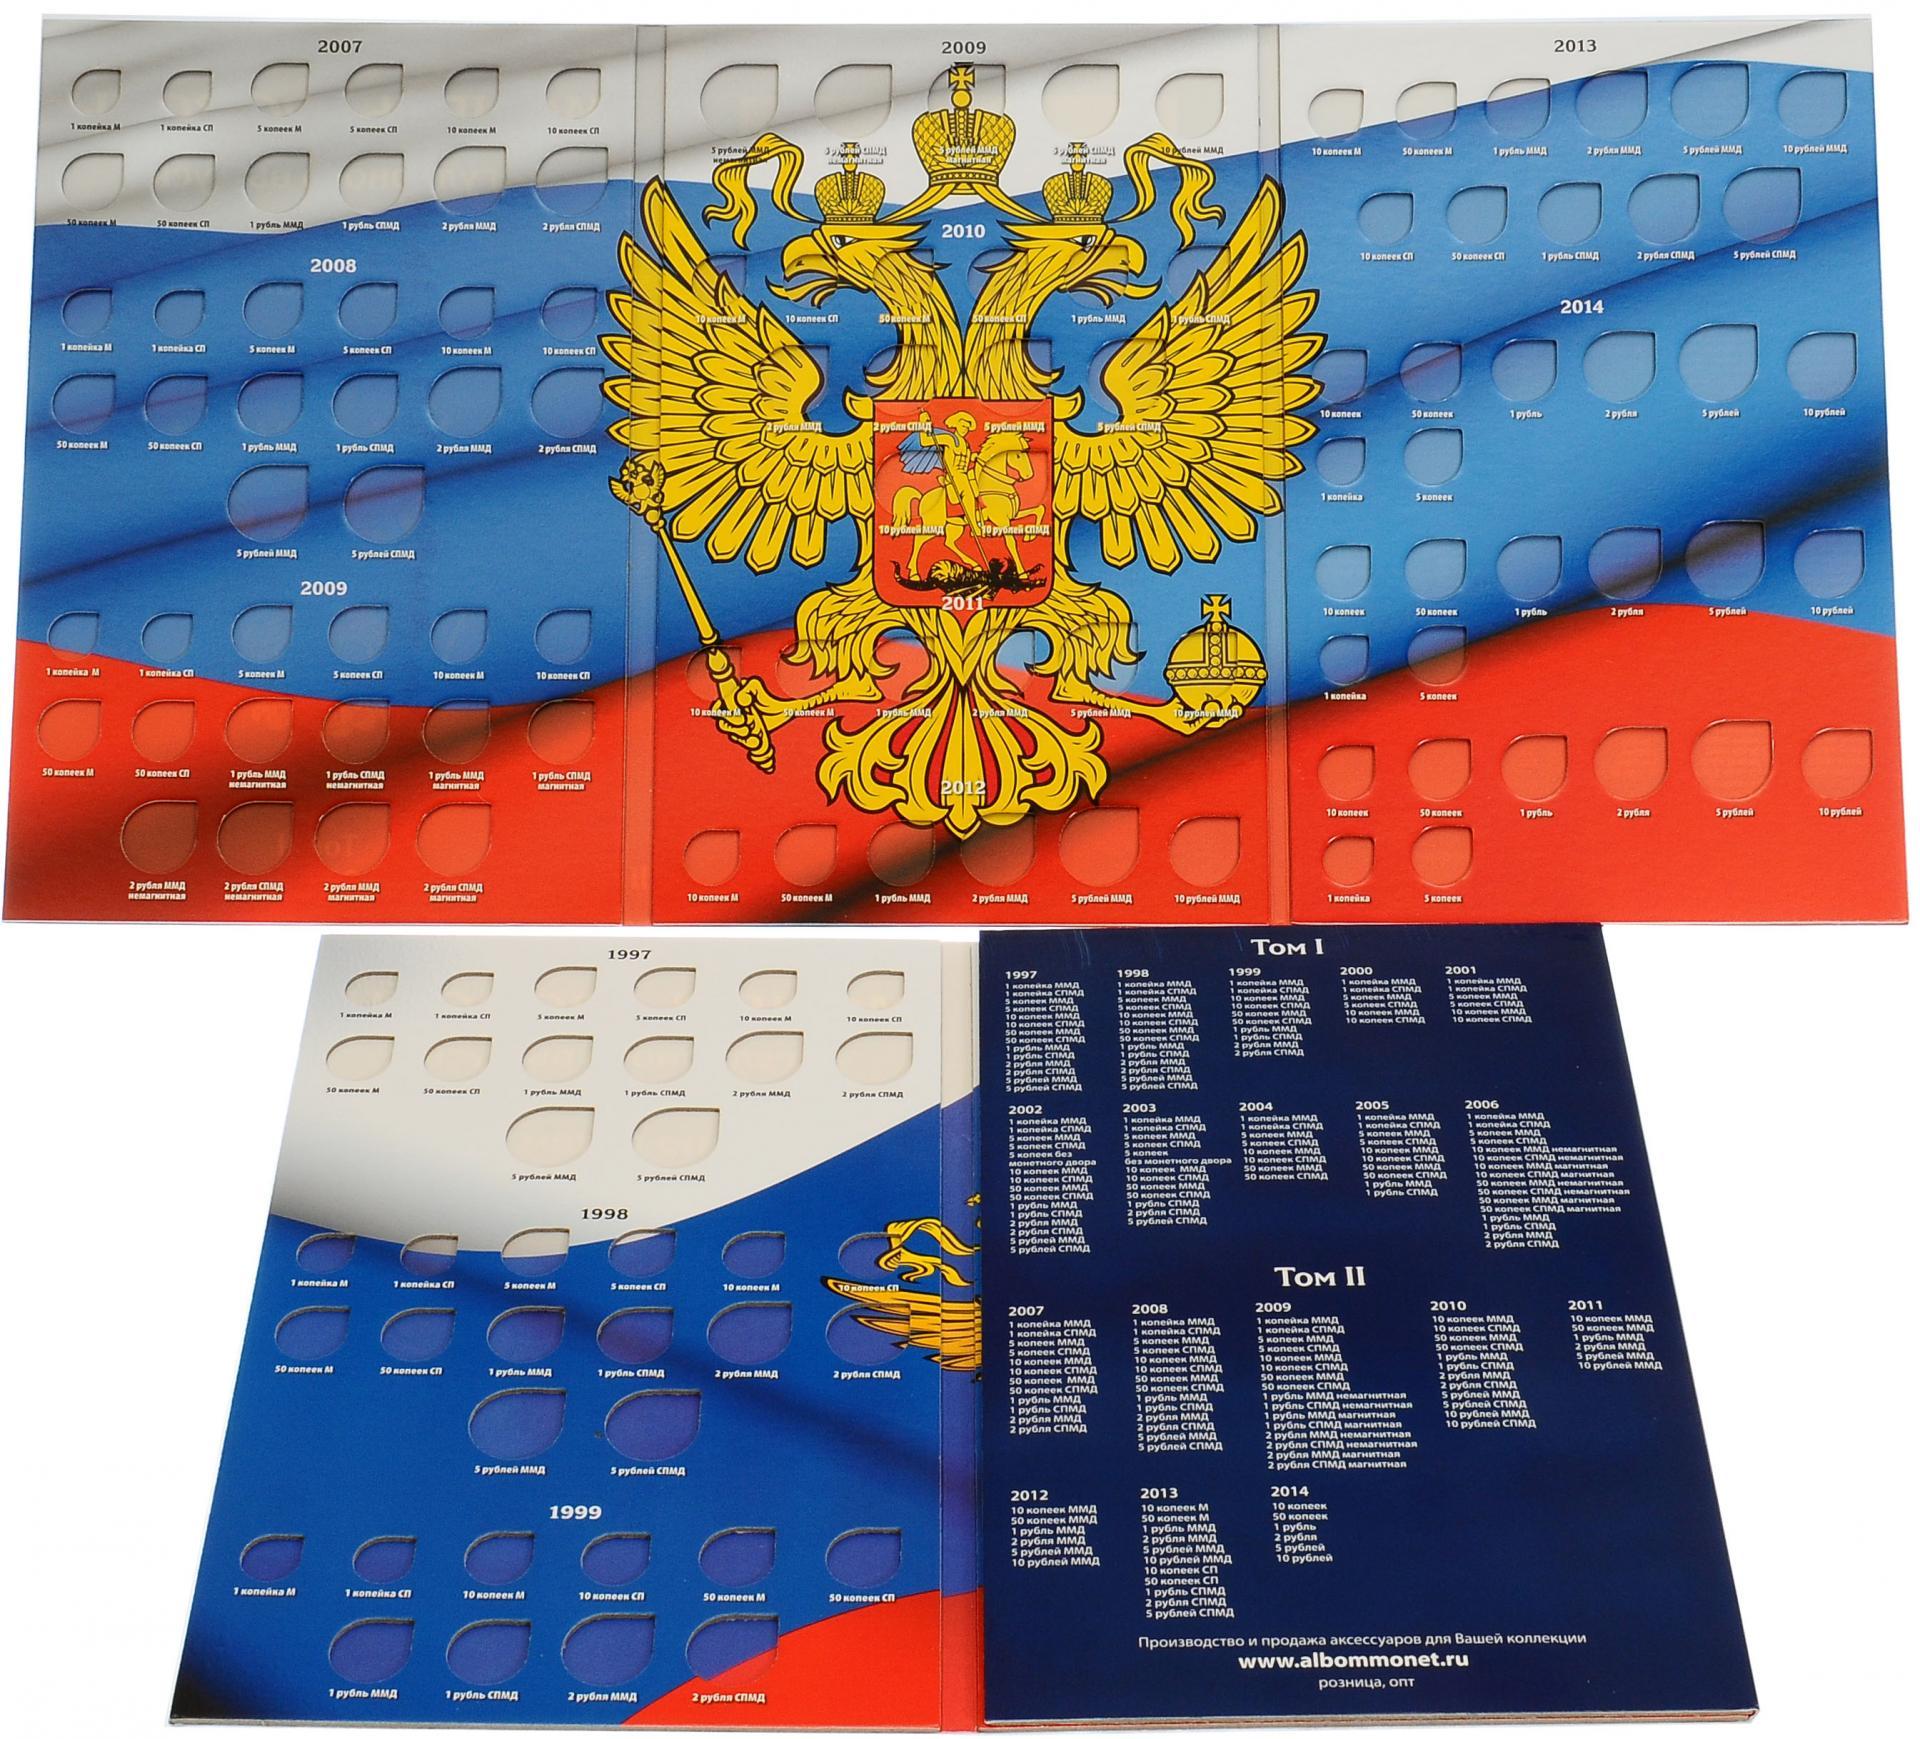 Планшетные альбомы лучшие интернет аукционы в россии